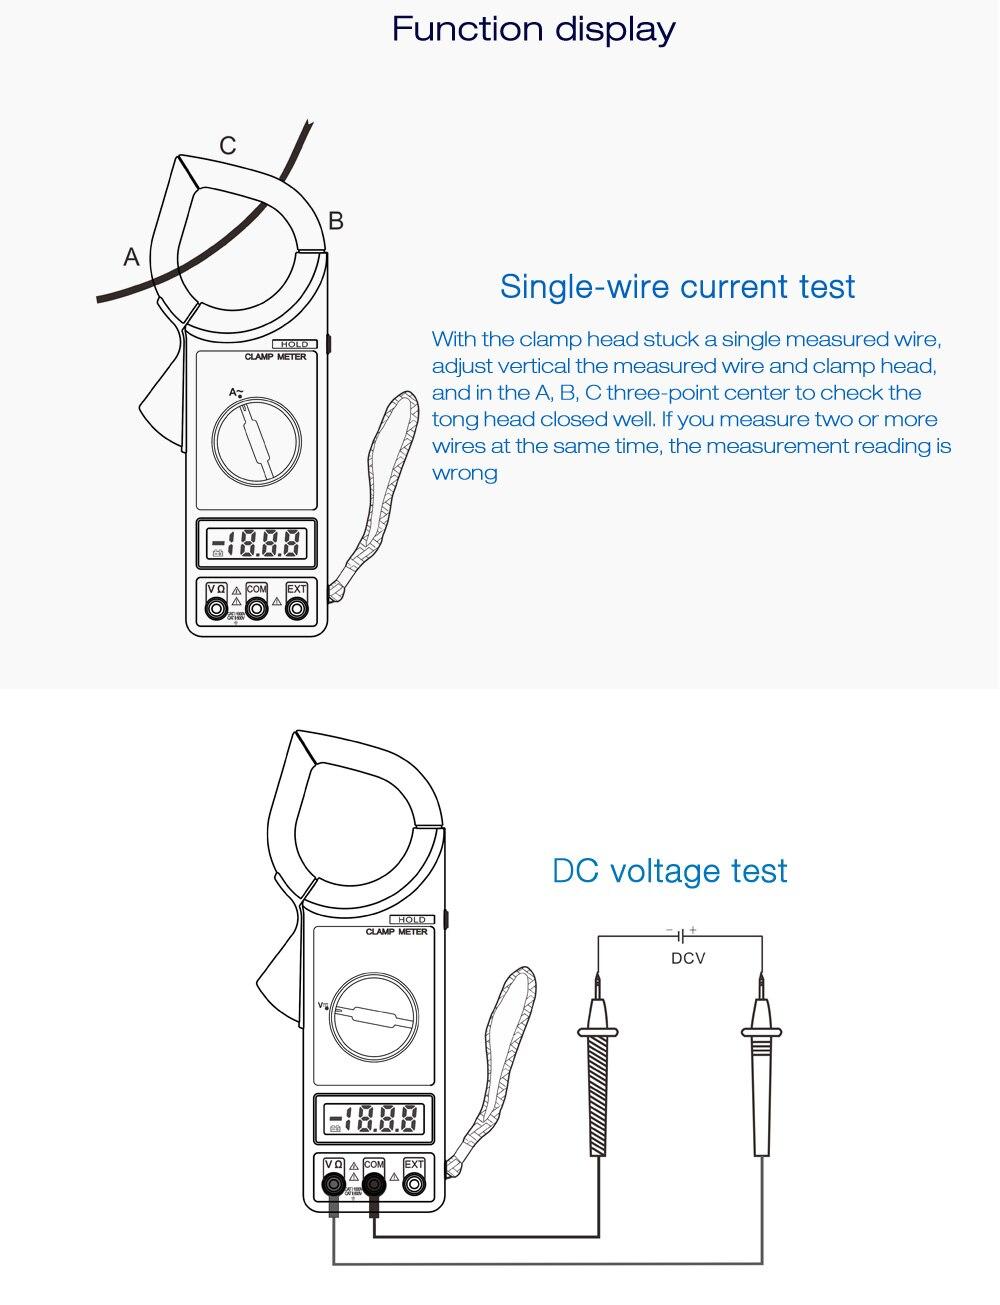 Whdz 266c Digital Clamp Meter K Typ Temperatur Tester 1000 V Kiefer Built Wiring Diagram Berlast Schutz Ja Auf Off Erkennung Und Summer Funktion Daten Retention Externe Expansion Test Kaliber 57mm